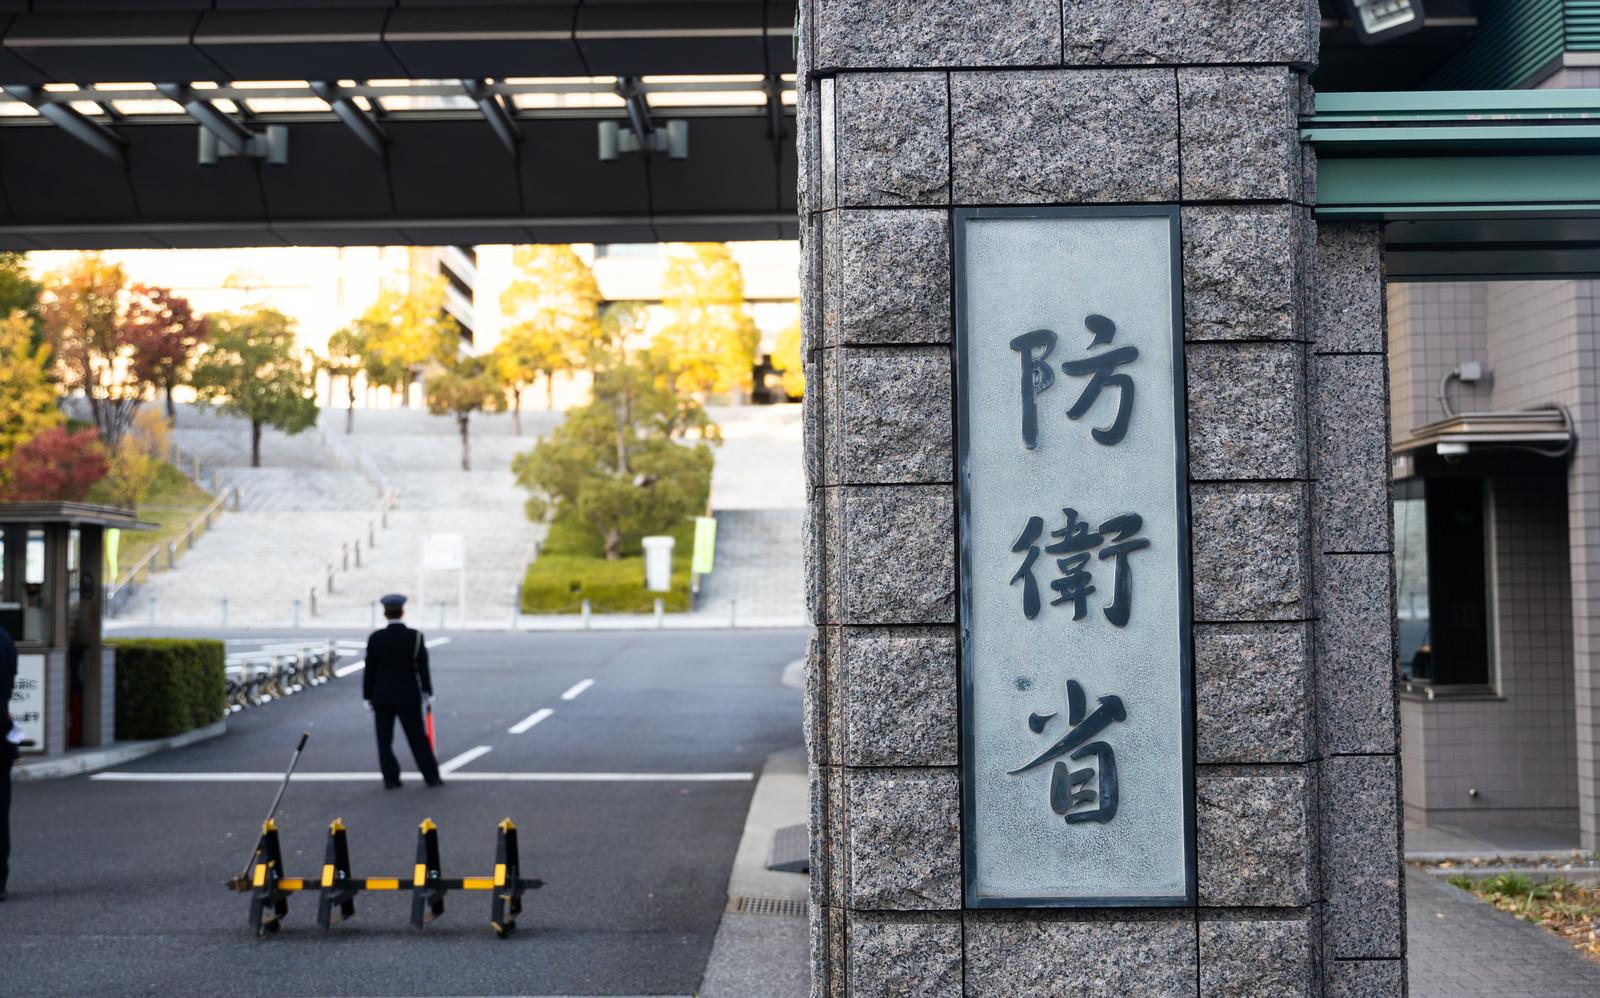 「防衛省正門にある省庁看板」の写真